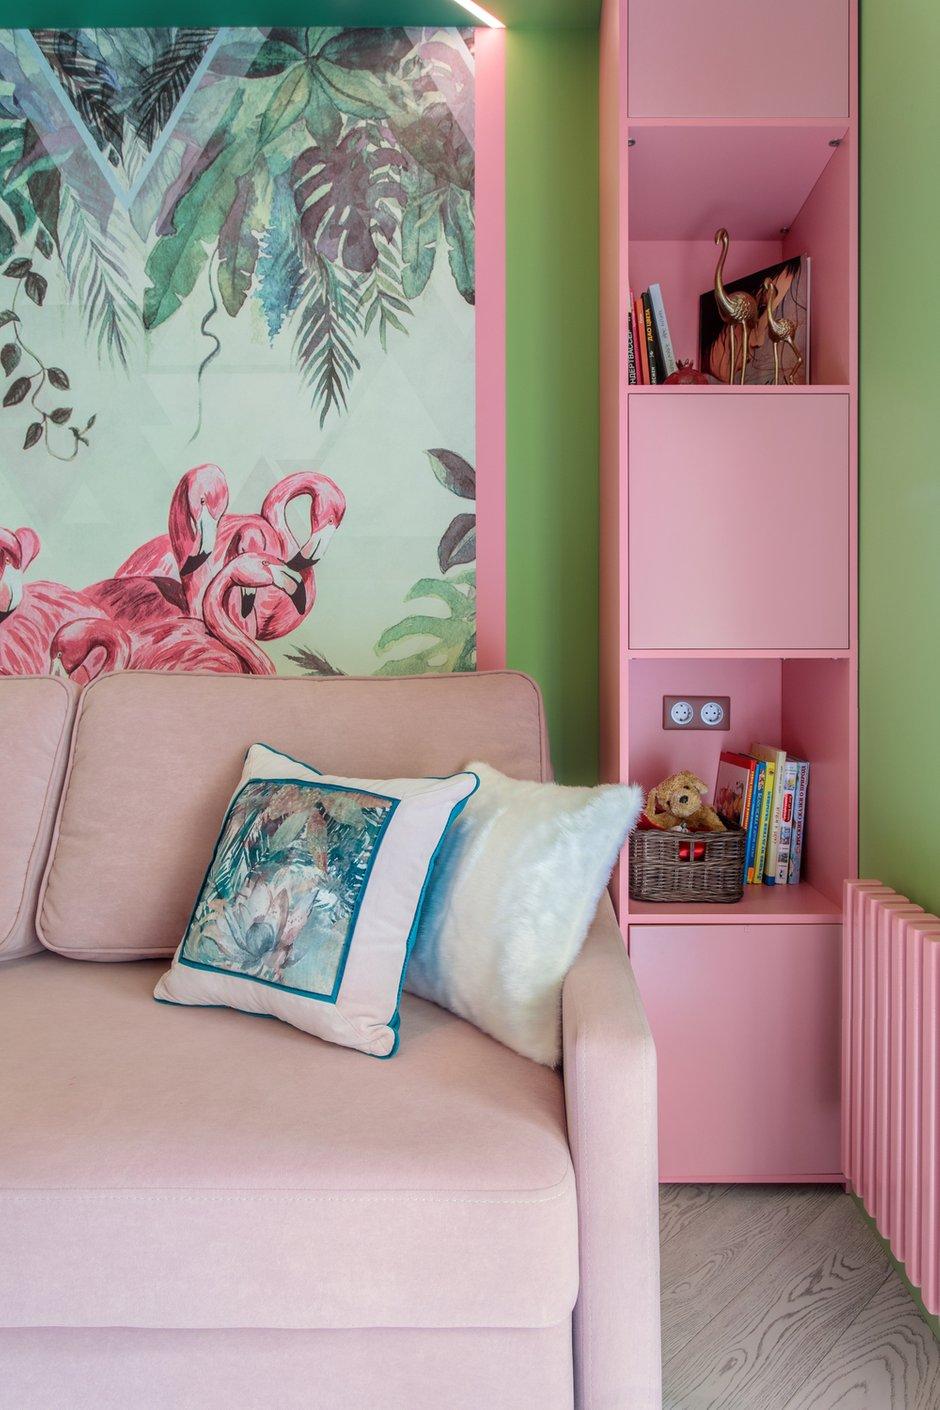 Радиатор отопления выкрасили в цвет фламинго, чтобы он пересекался с элементами на стенах и мебели.